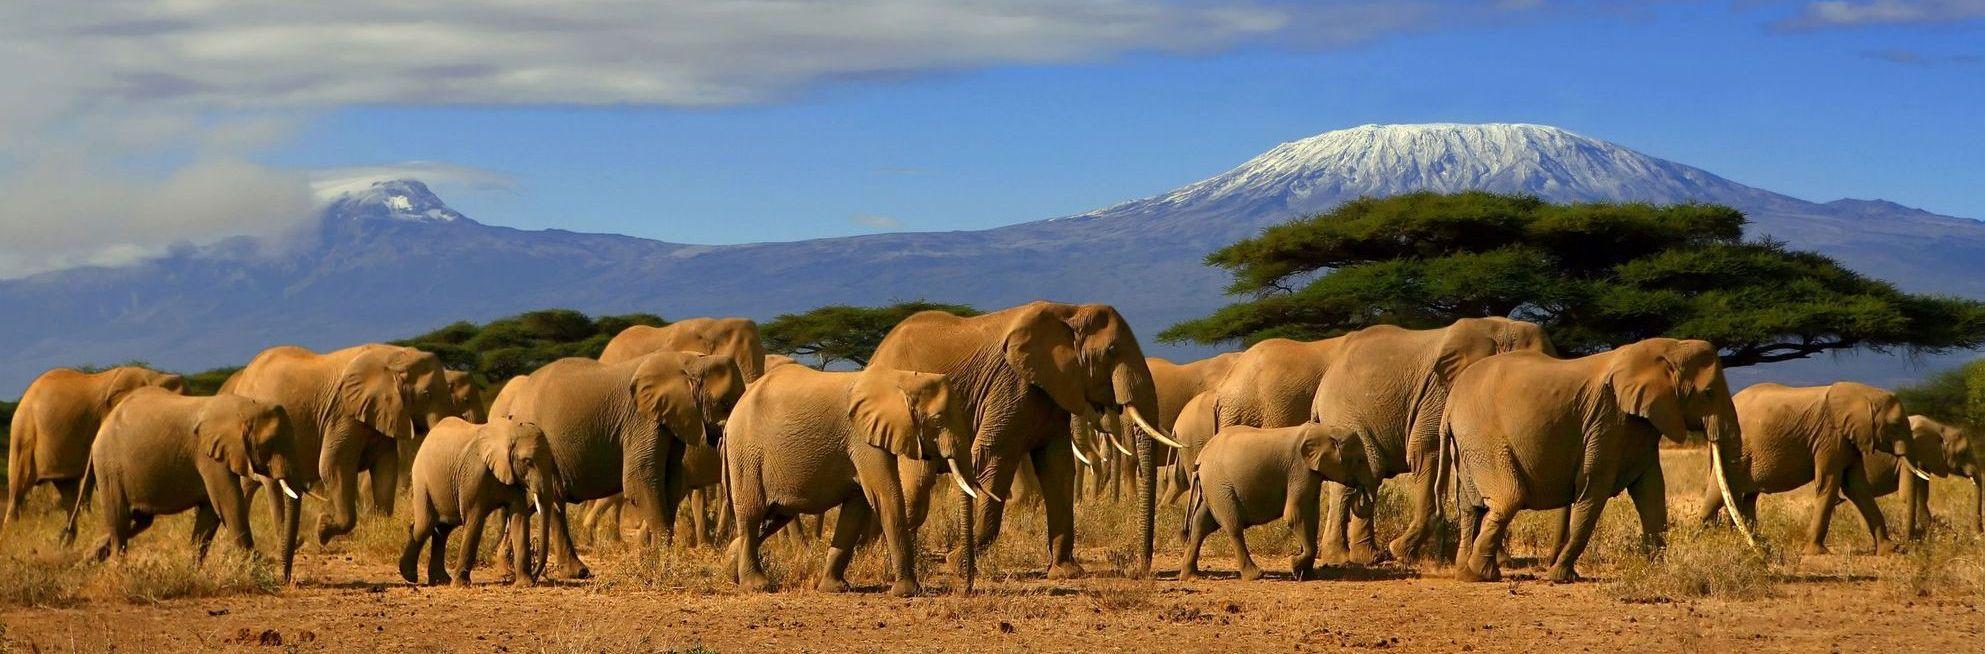 africa safari travel: